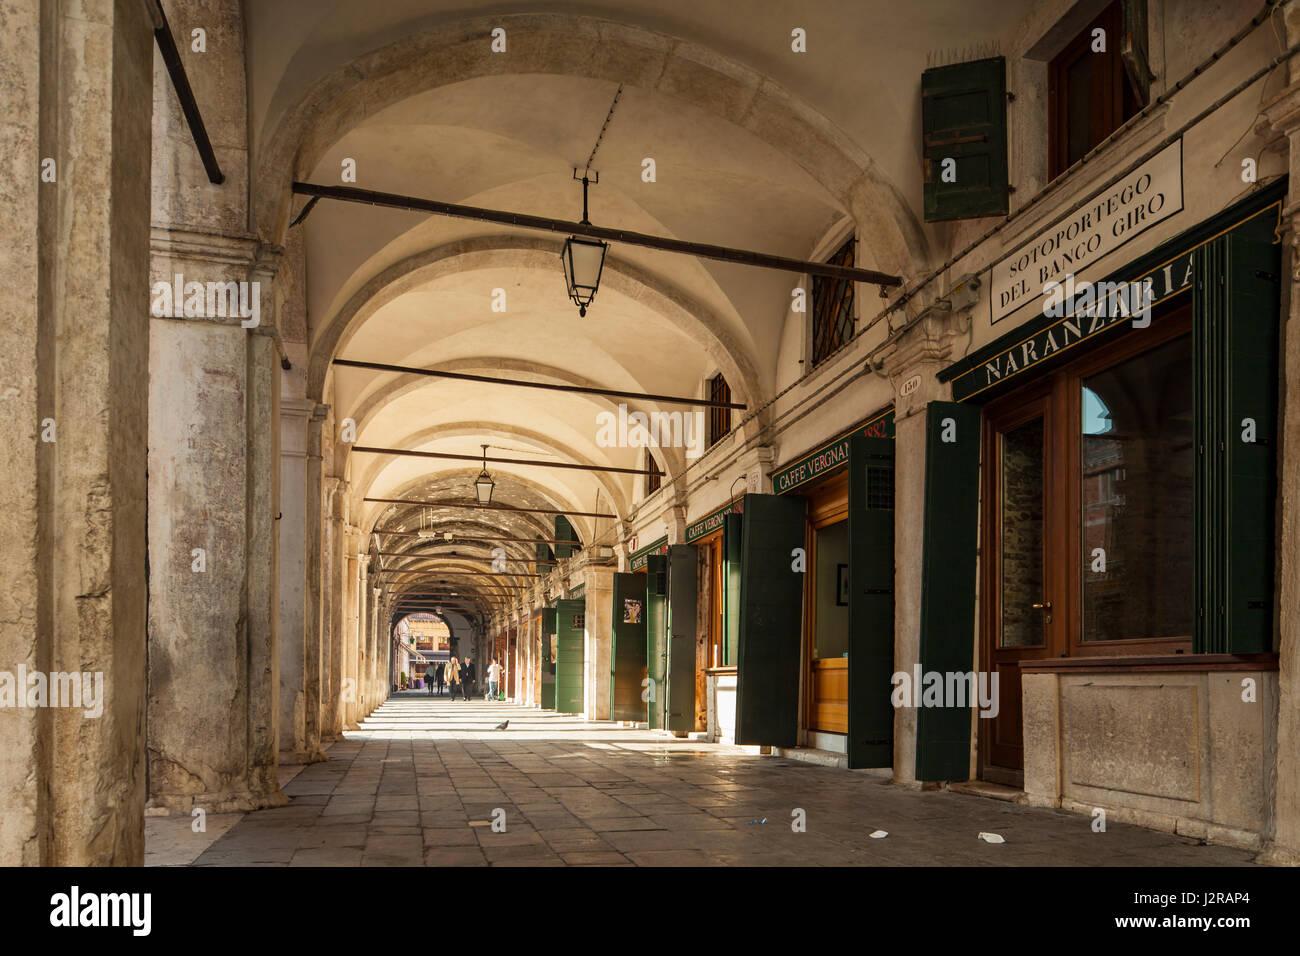 Sotoportego del Banco del giro en el distrito San Polo de Venecia. Imagen De Stock